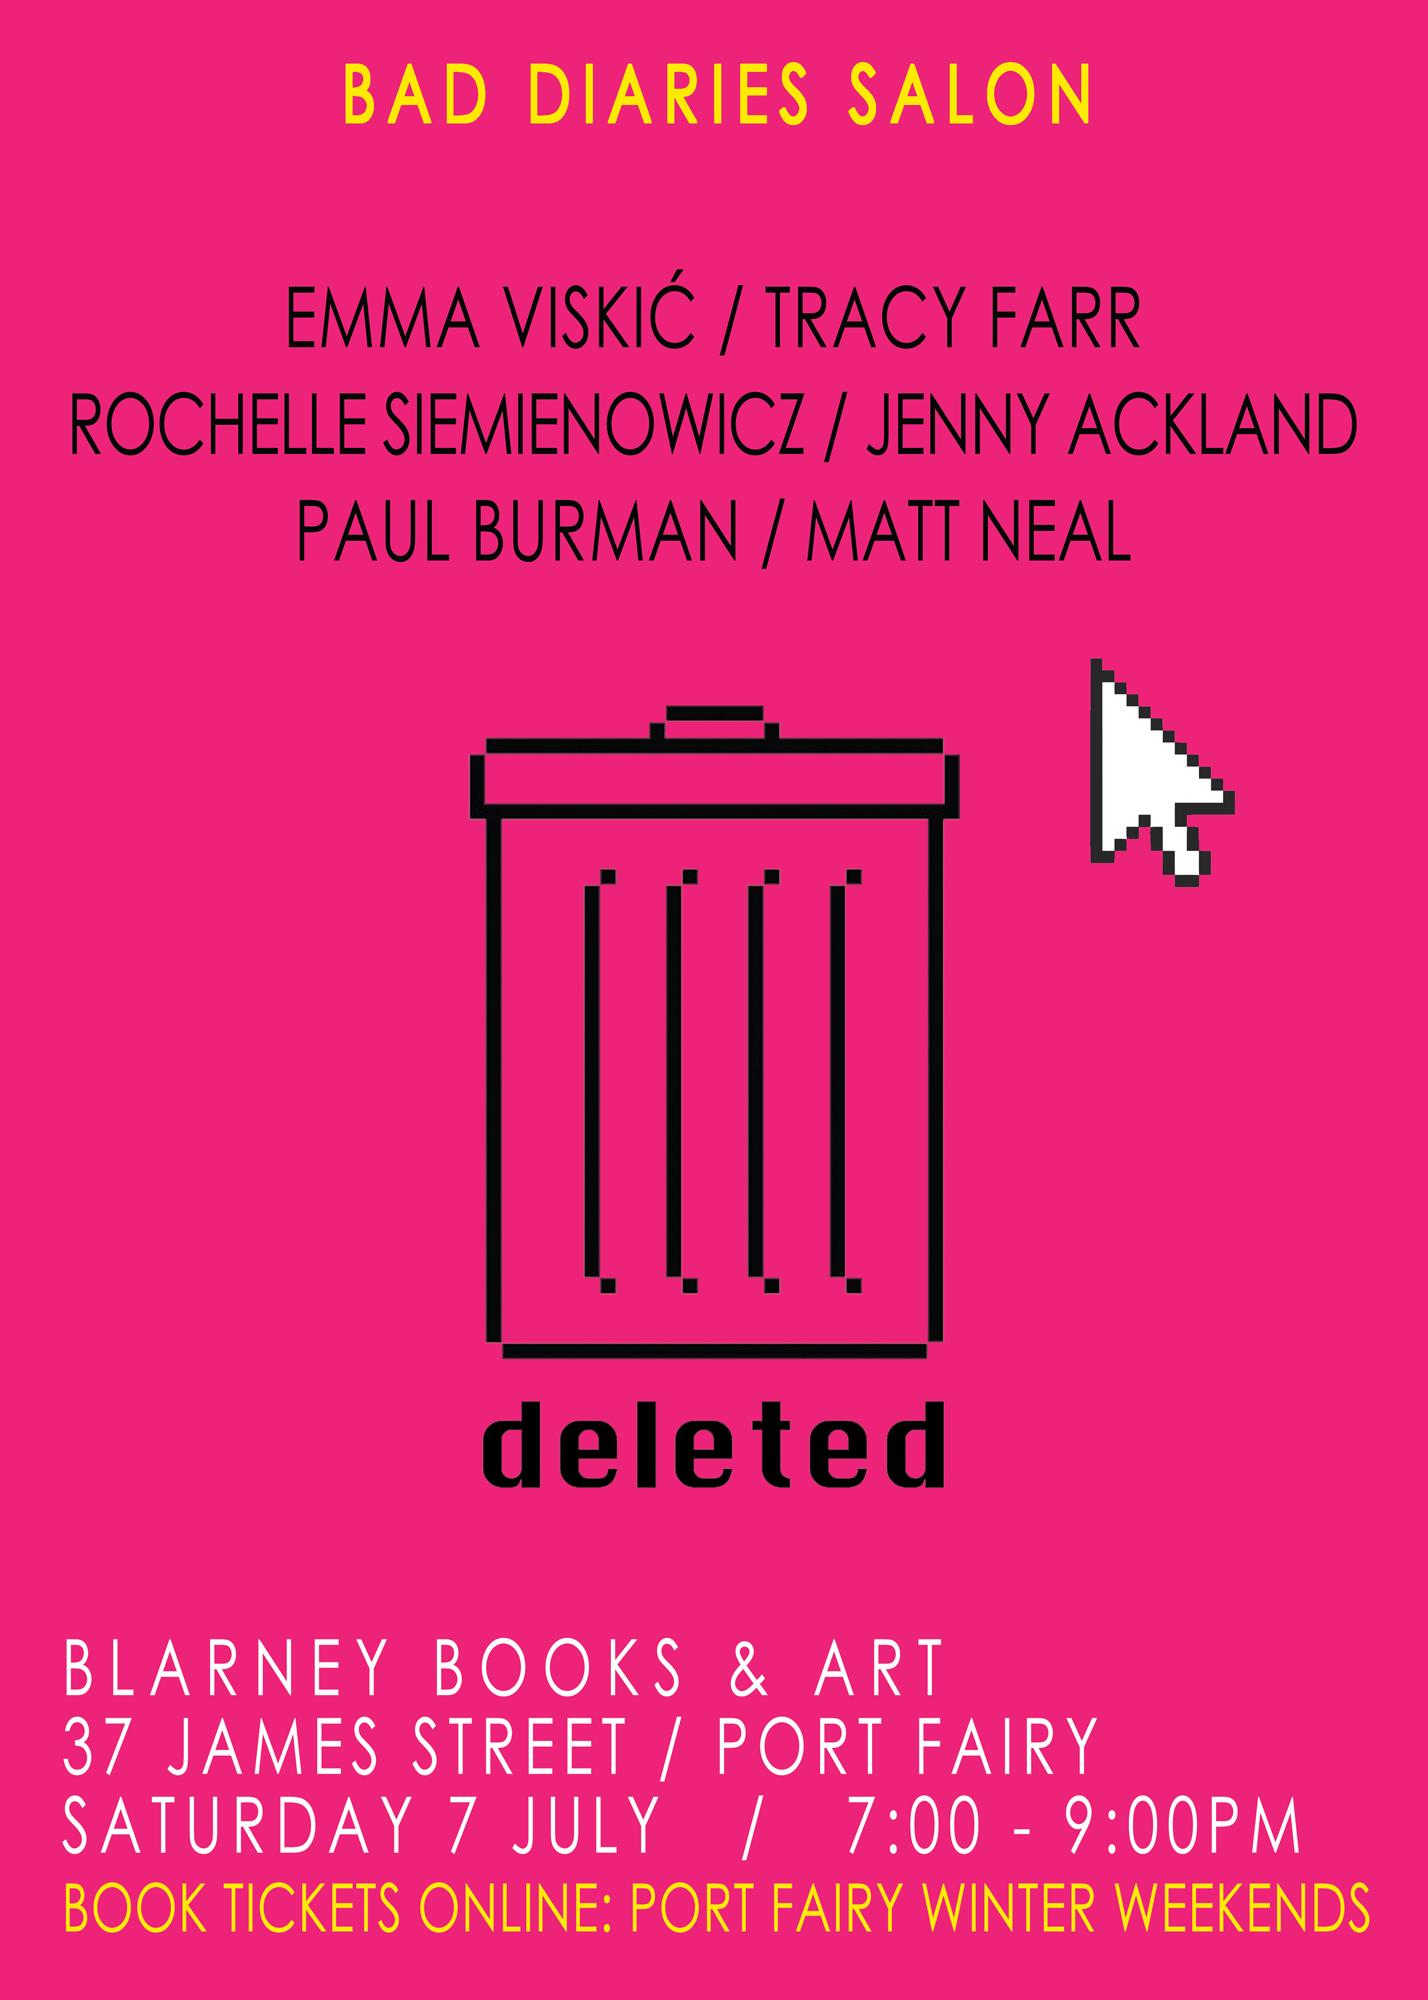 The Bad Diaries Salon – SERAGLIO